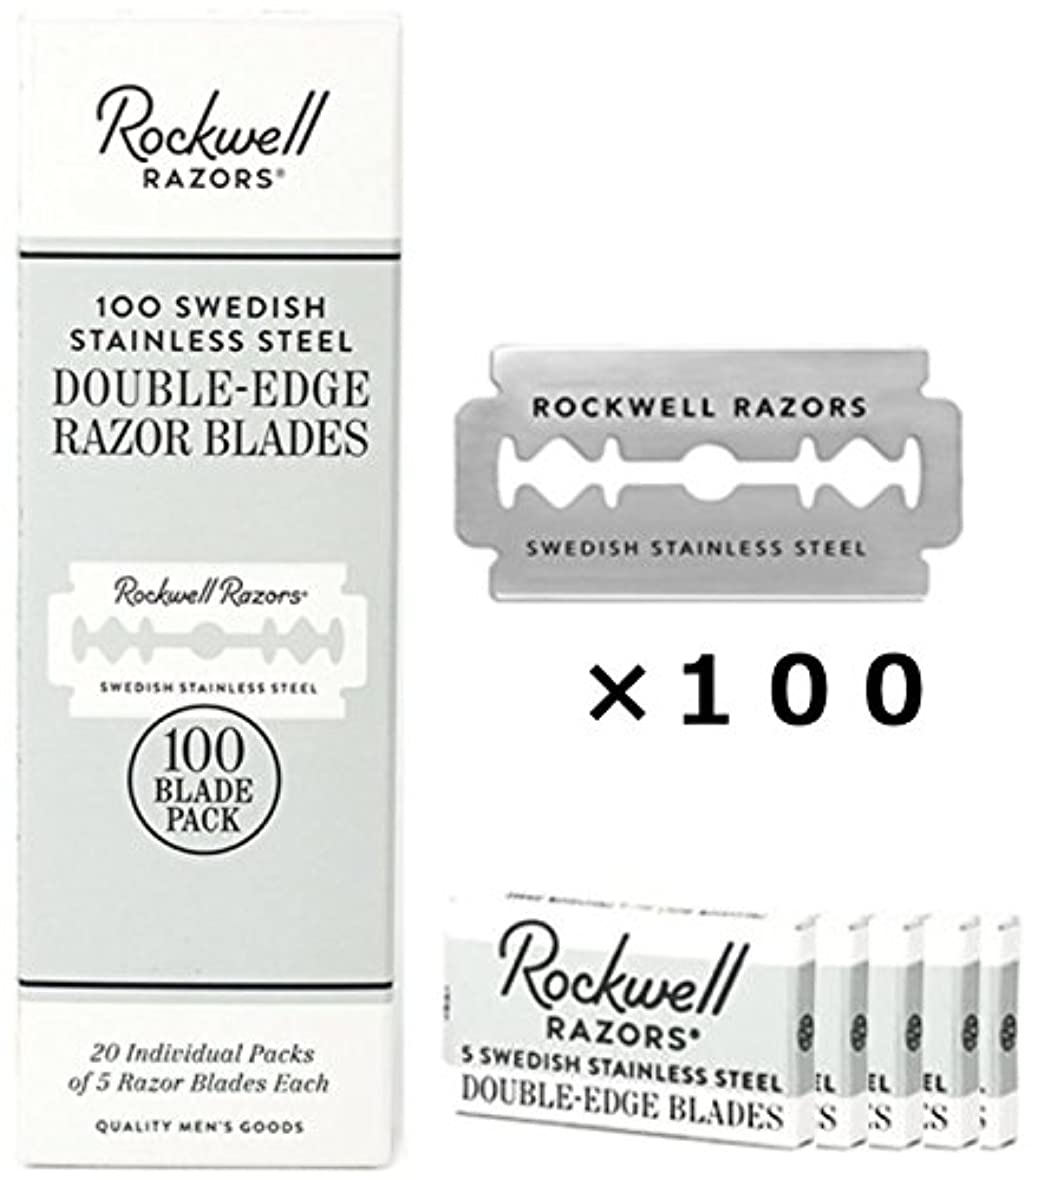 即席検索エンジンマーケティング合法ロックウェル 両刃 替刃 100枚 (5枚入×20個) セット スウェーデン製 お買い得 パック Rockwell Razors